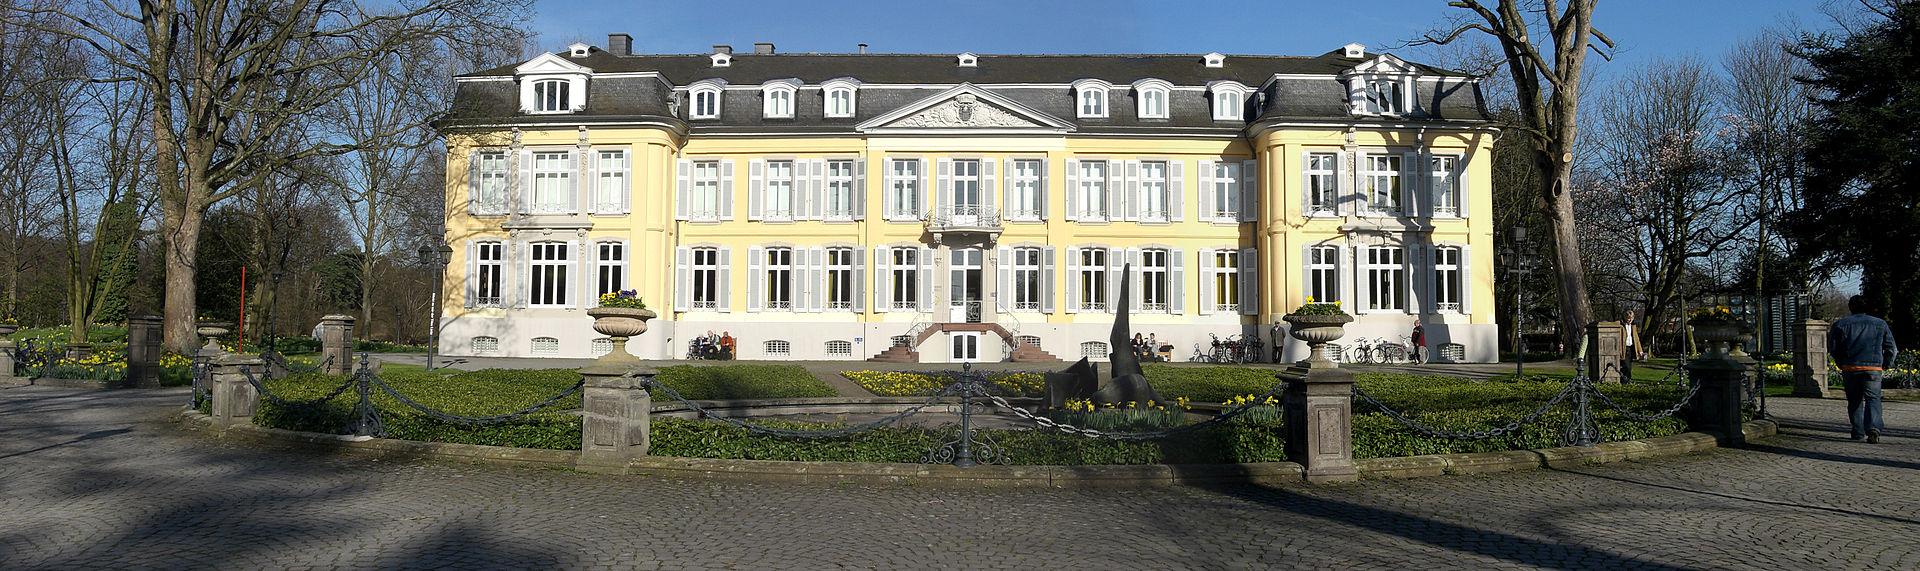 Bild Städtisches Museum Leverkusen Schloss Morsbroich